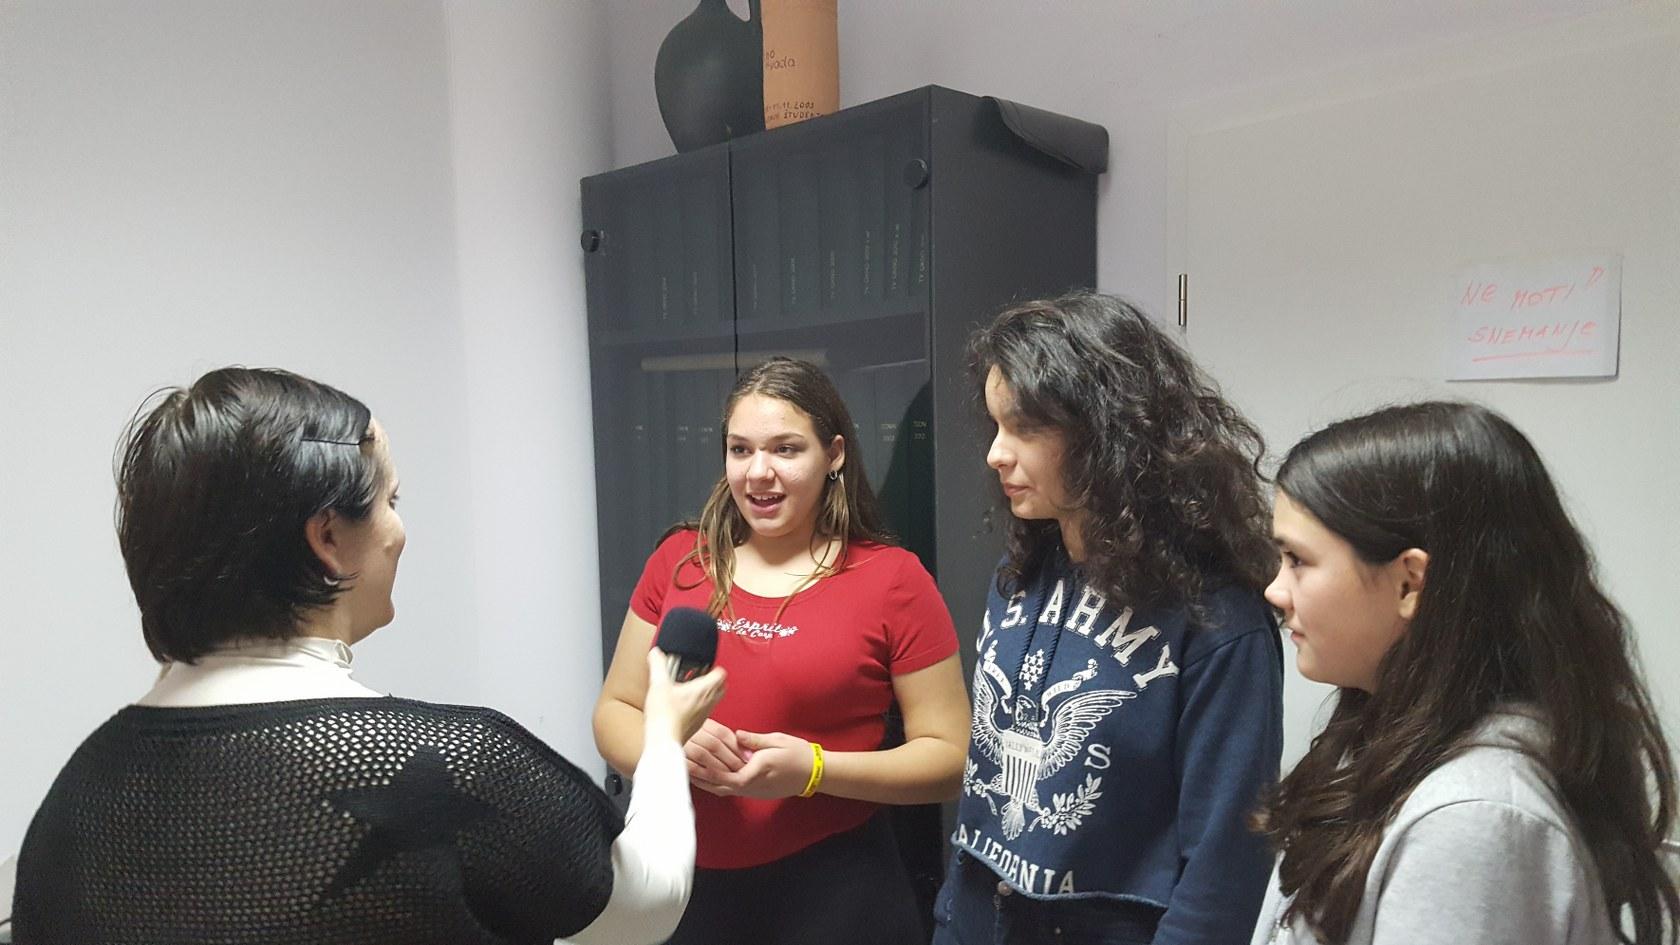 obisk-radia-tednik-ptuj-novinar-14_1680x945